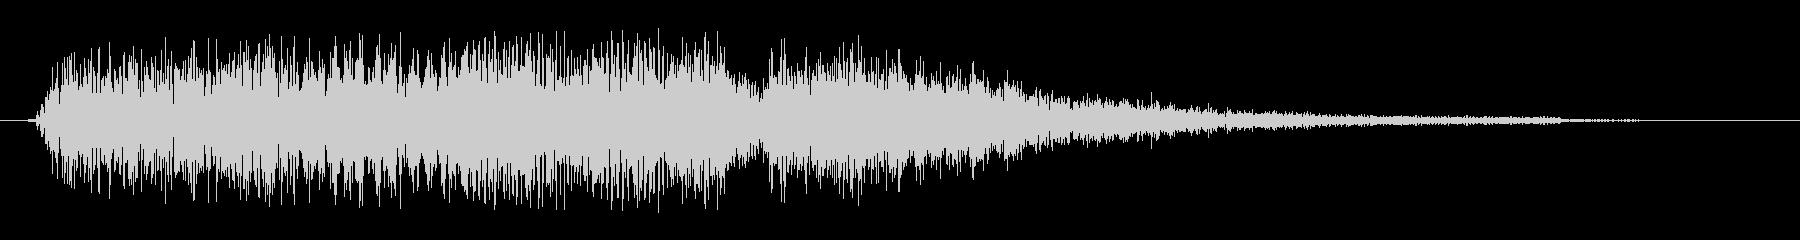 チャージから攻撃する音の未再生の波形